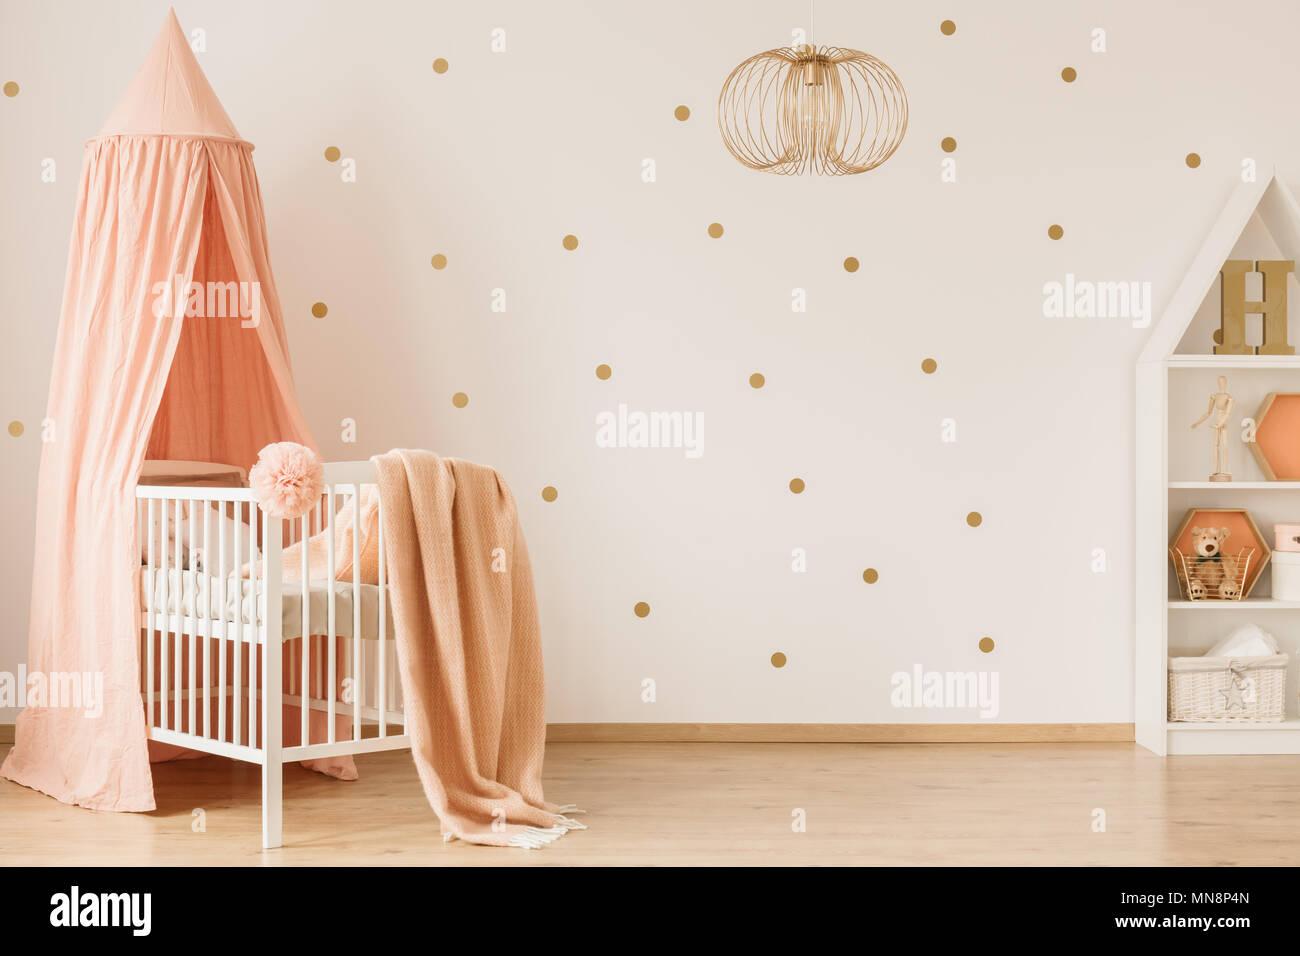 Agreable Chambre Bébé Fille Lumineux Intérieur Avec Mur En Pointillés, Accents Rose  Pastel Et Décoration Dorée